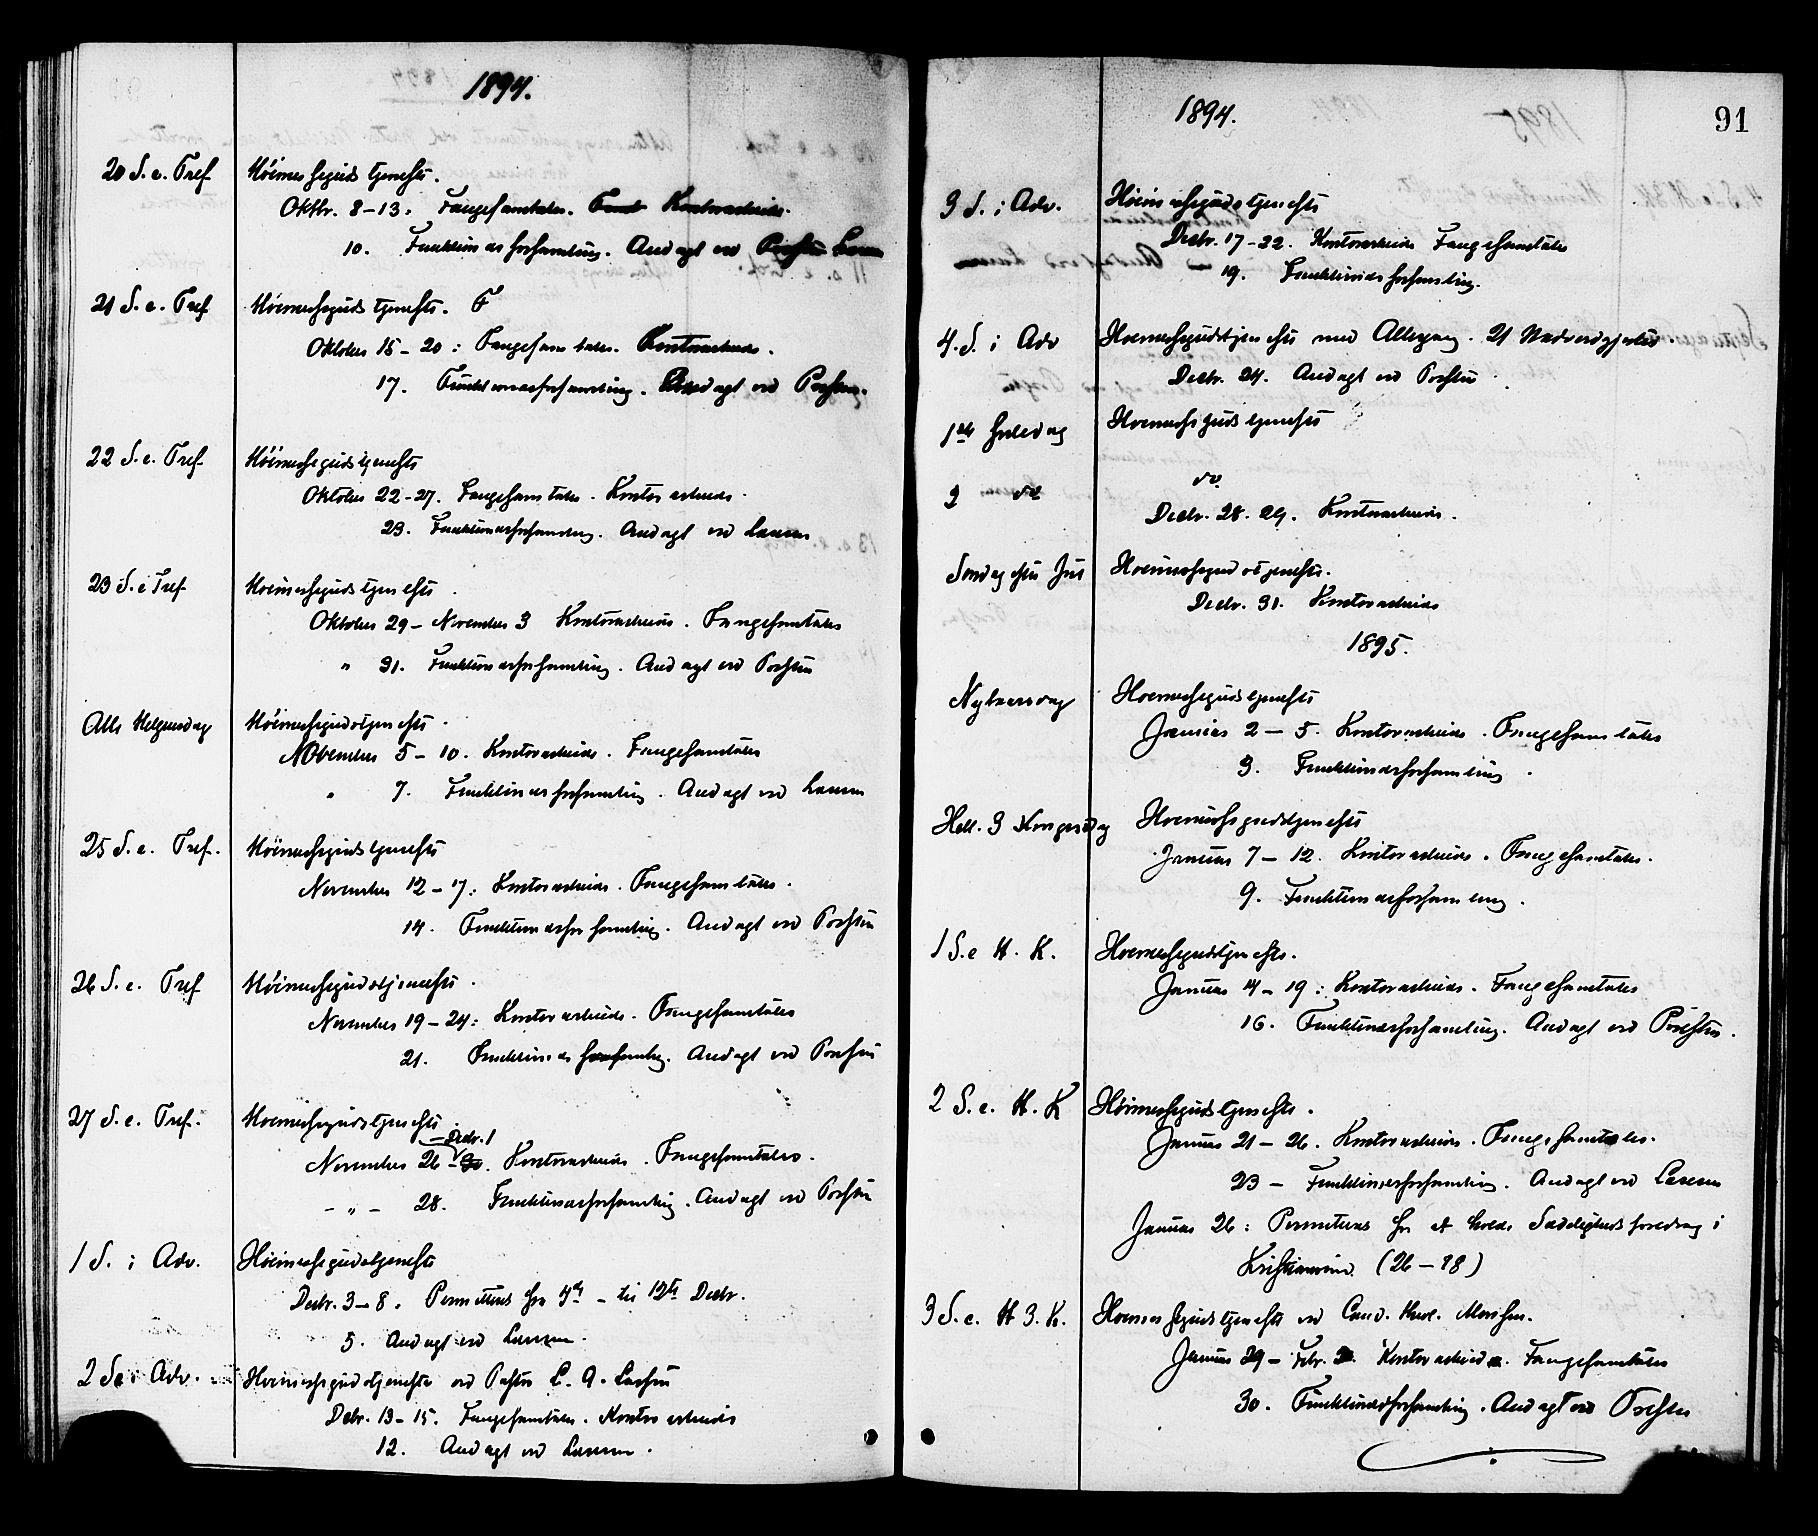 SAT, Ministerialprotokoller, klokkerbøker og fødselsregistre - Sør-Trøndelag, 624/L0482: Ministerialbok nr. 624A03, 1870-1918, s. 91